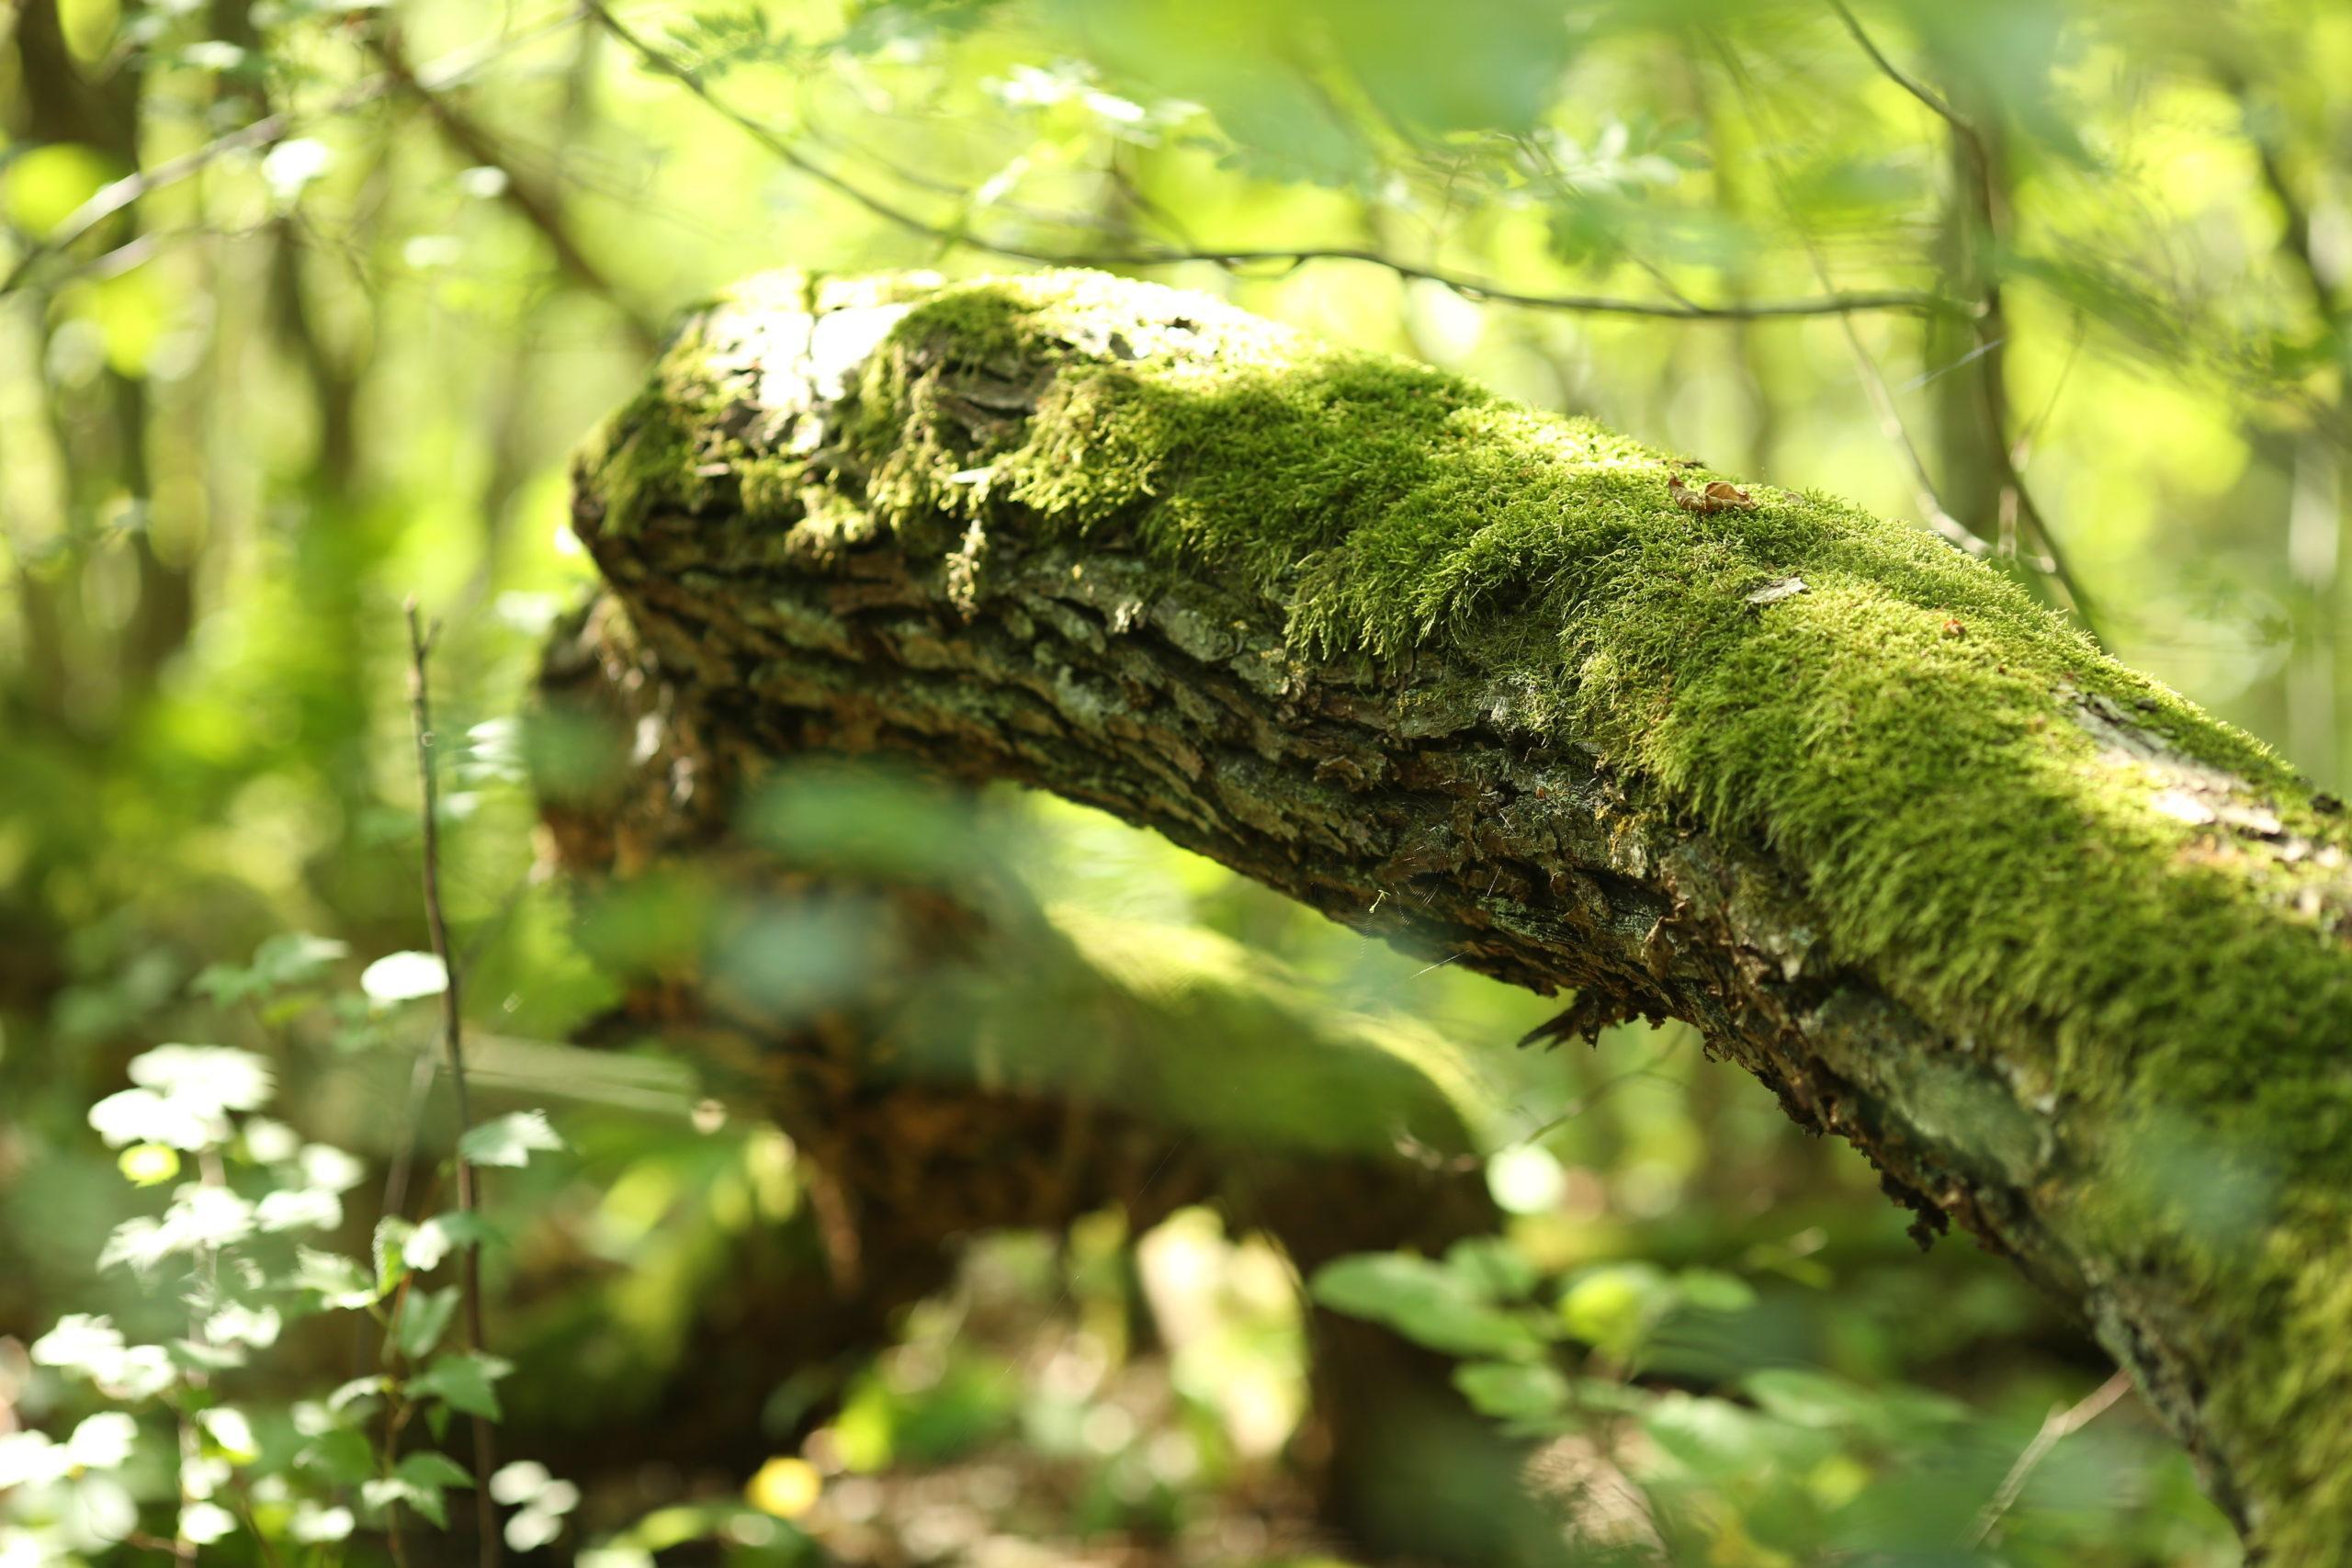 Sammaloitunut puunrunko vihreässä metsässä.